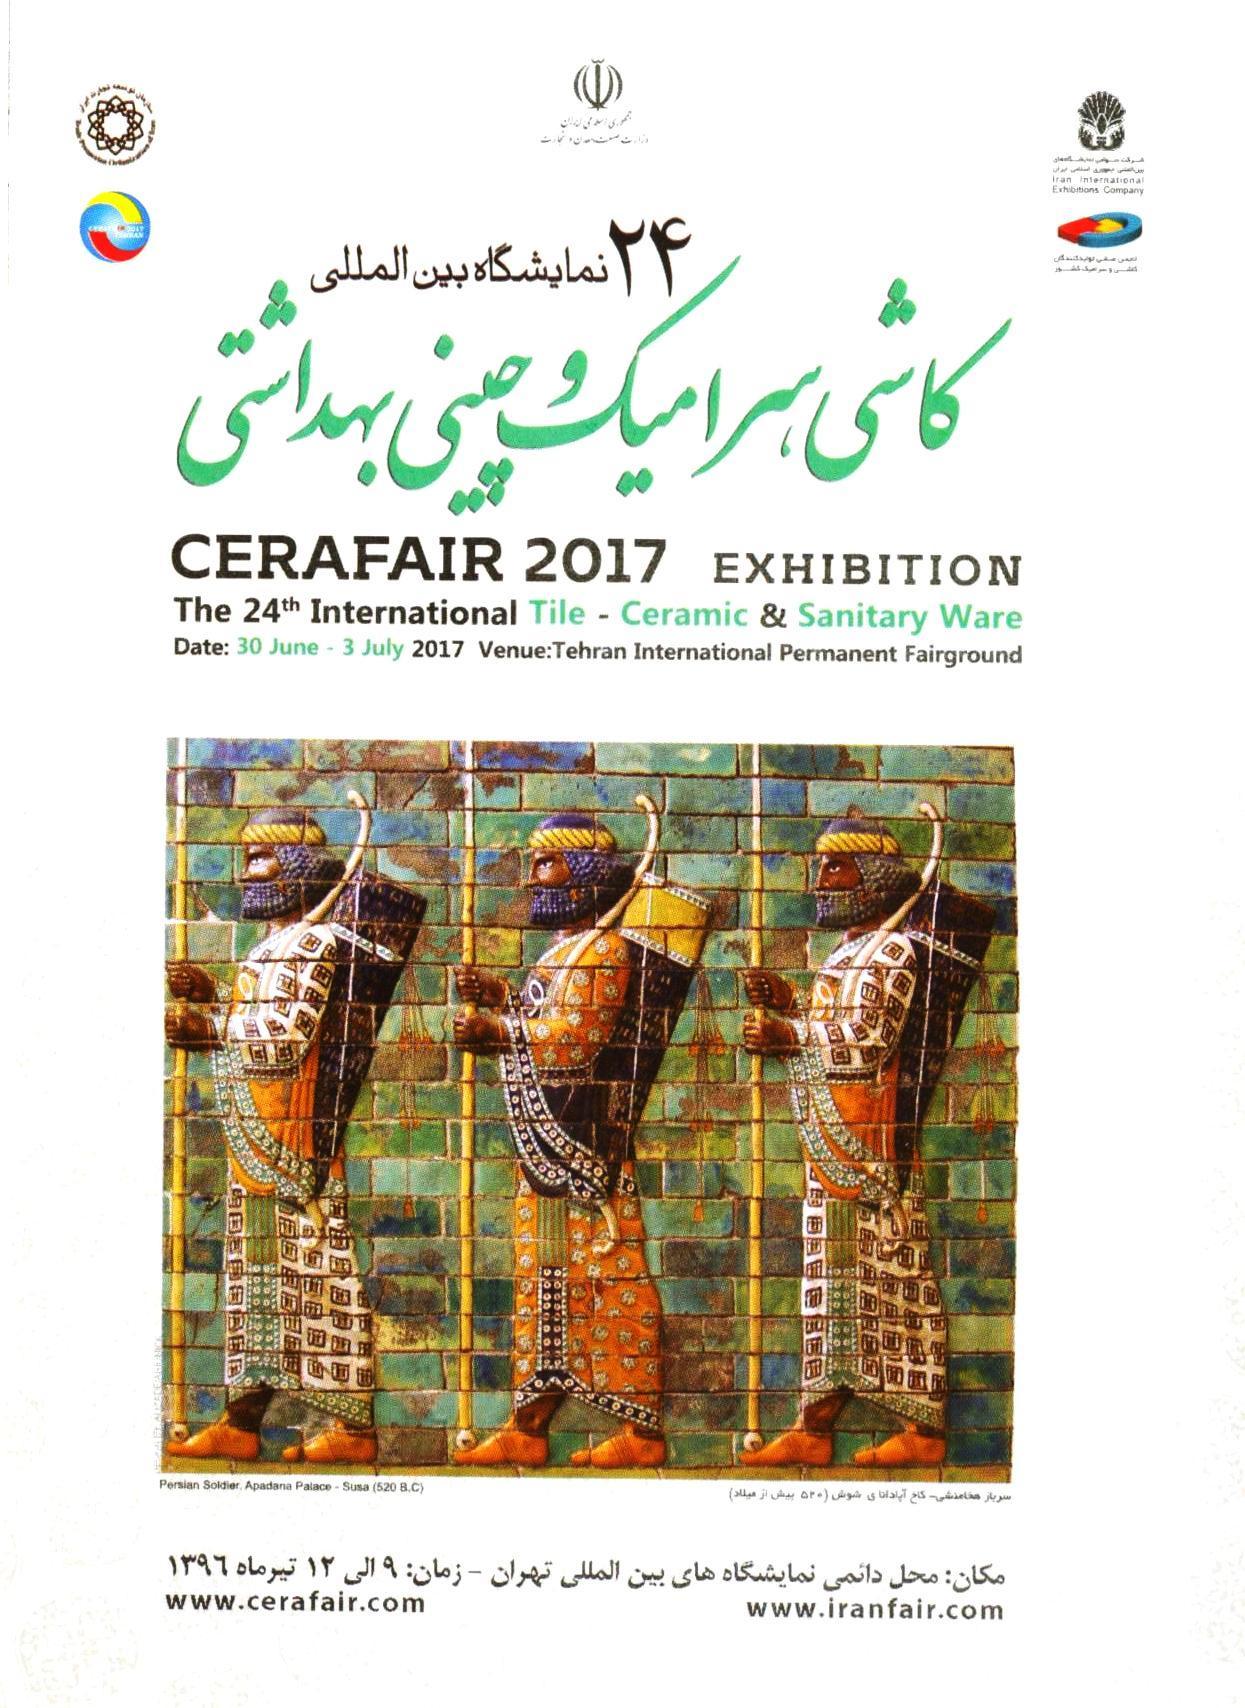 بیست و چهارمین نمایشگاه بین المللی کاشی و سرامیک تهران -سال ۱۳۹۶